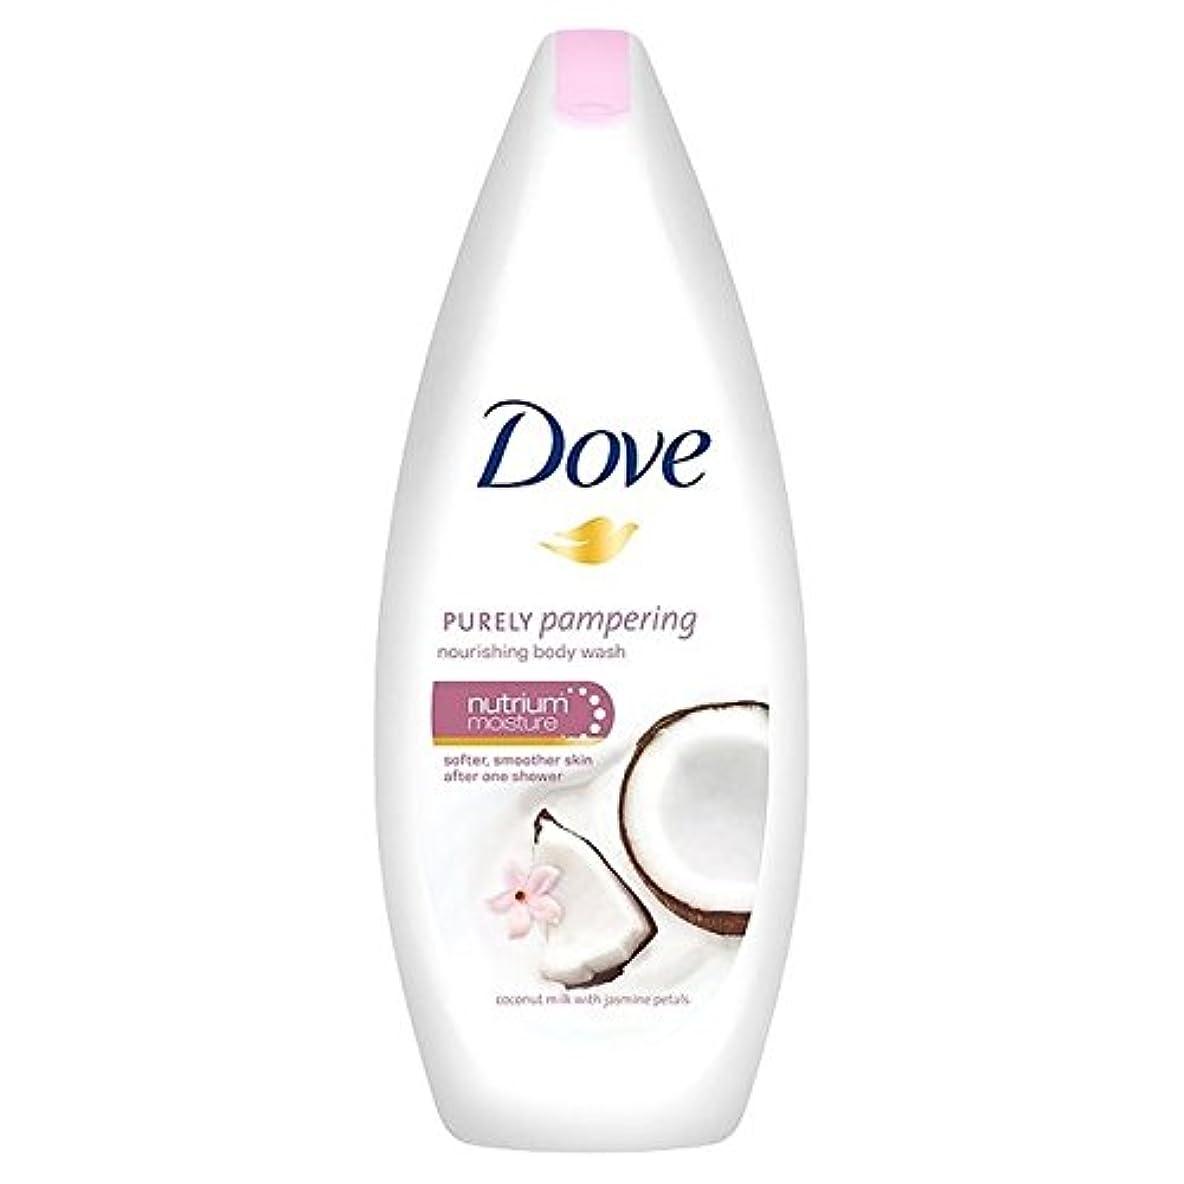 思い出す作物境界Dove Purely Pampering Coconut Body Wash 250ml (Pack of 6) - 鳩純粋に甘やかすココナッツボディウォッシュ250ミリリットル x6 [並行輸入品]